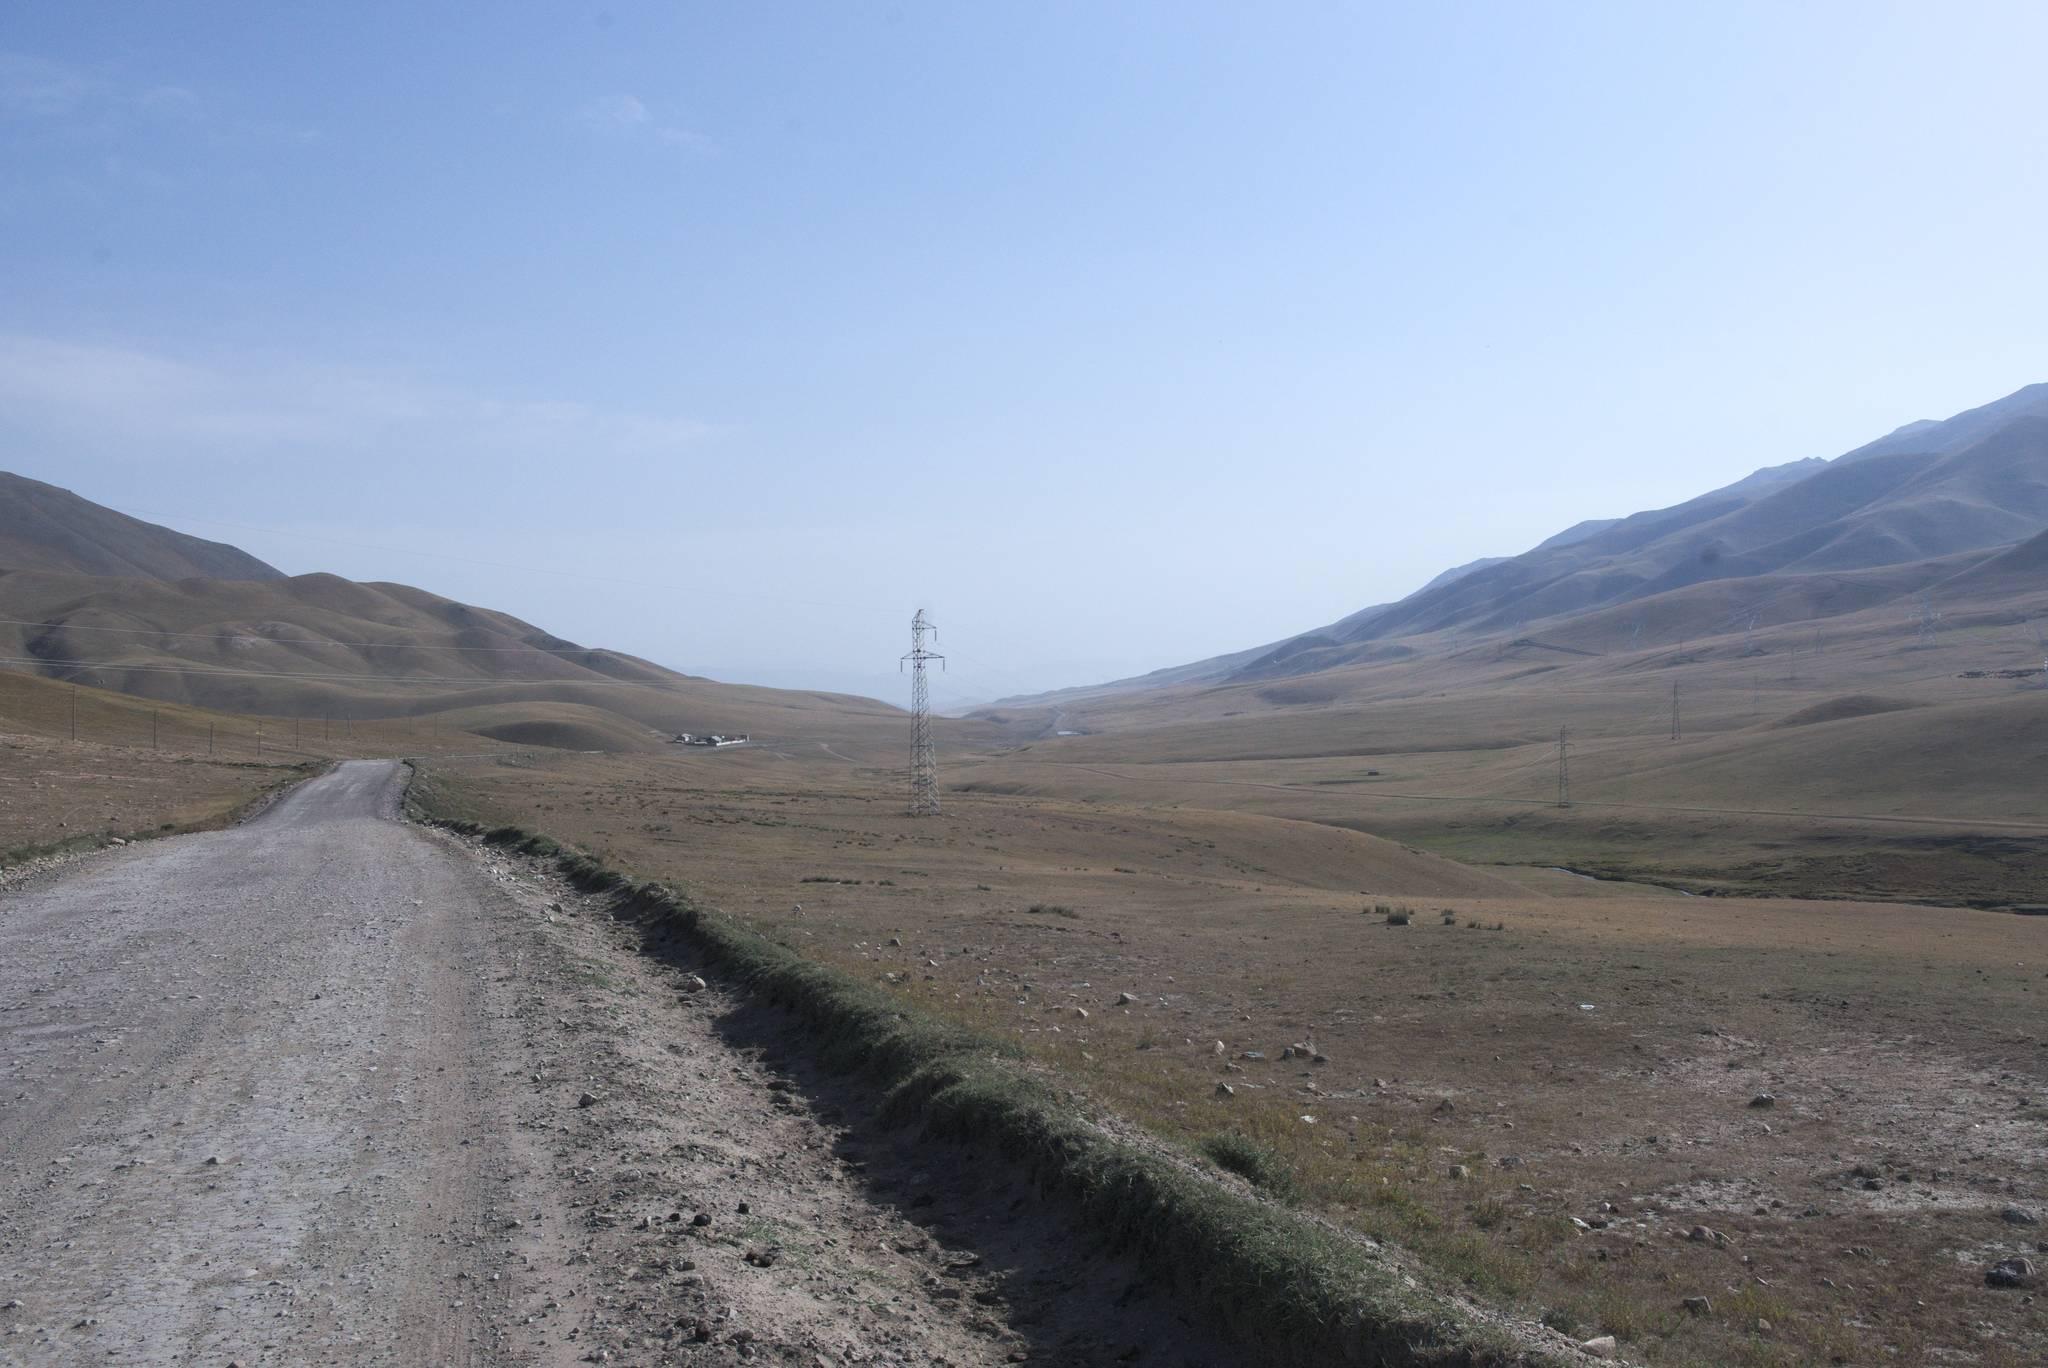 Przełęcz i zjazd do Karakol